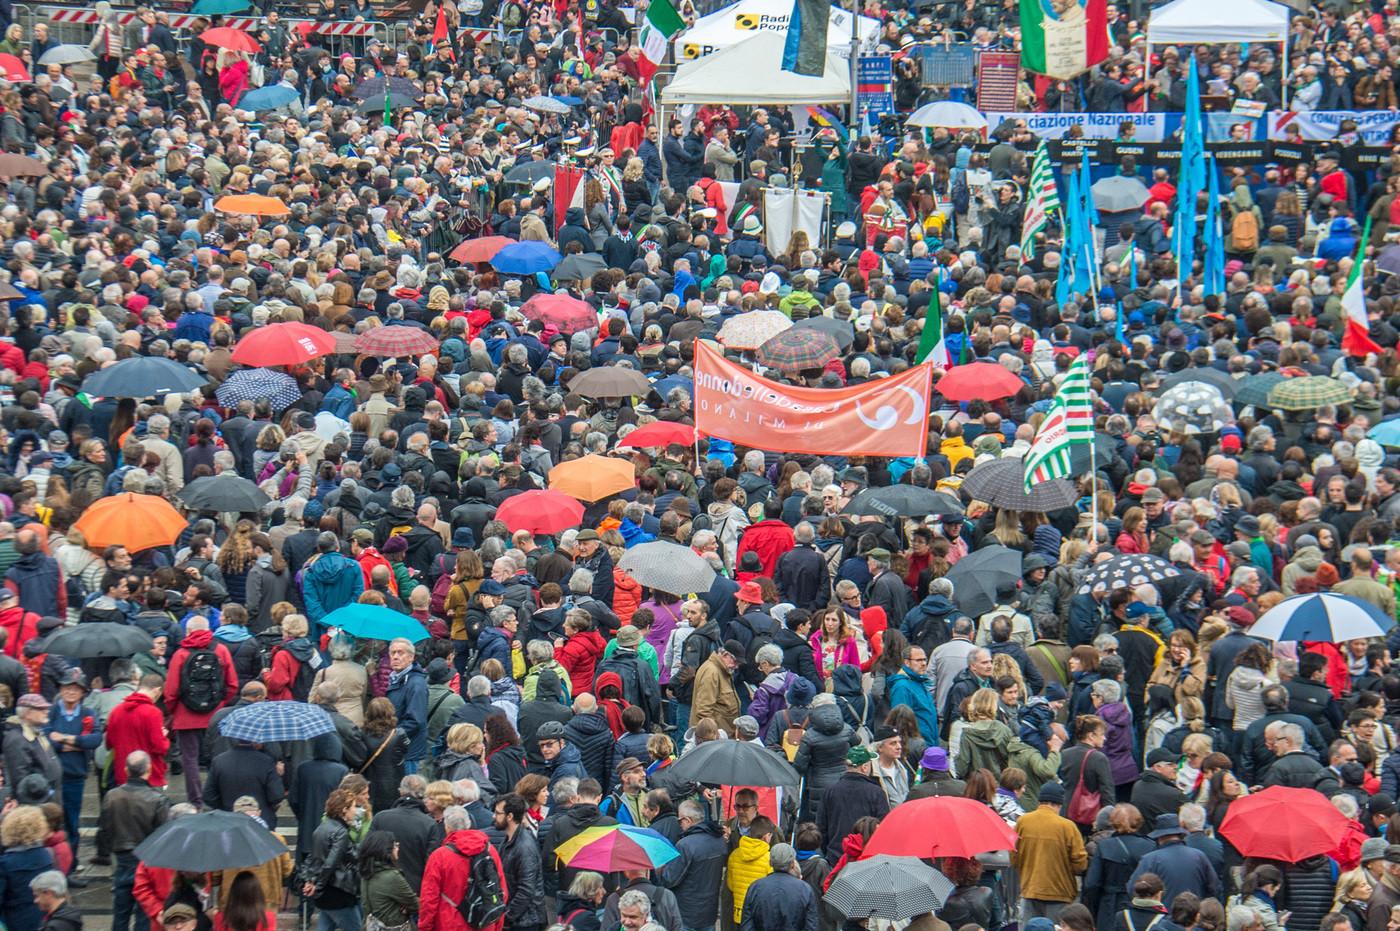 """25 aprile, oltre 70mila al corteo dell'Anpi a Milano. Landini a Salvini: """"Lotta alla mafia va ricordata sempre, non solo oggi"""""""